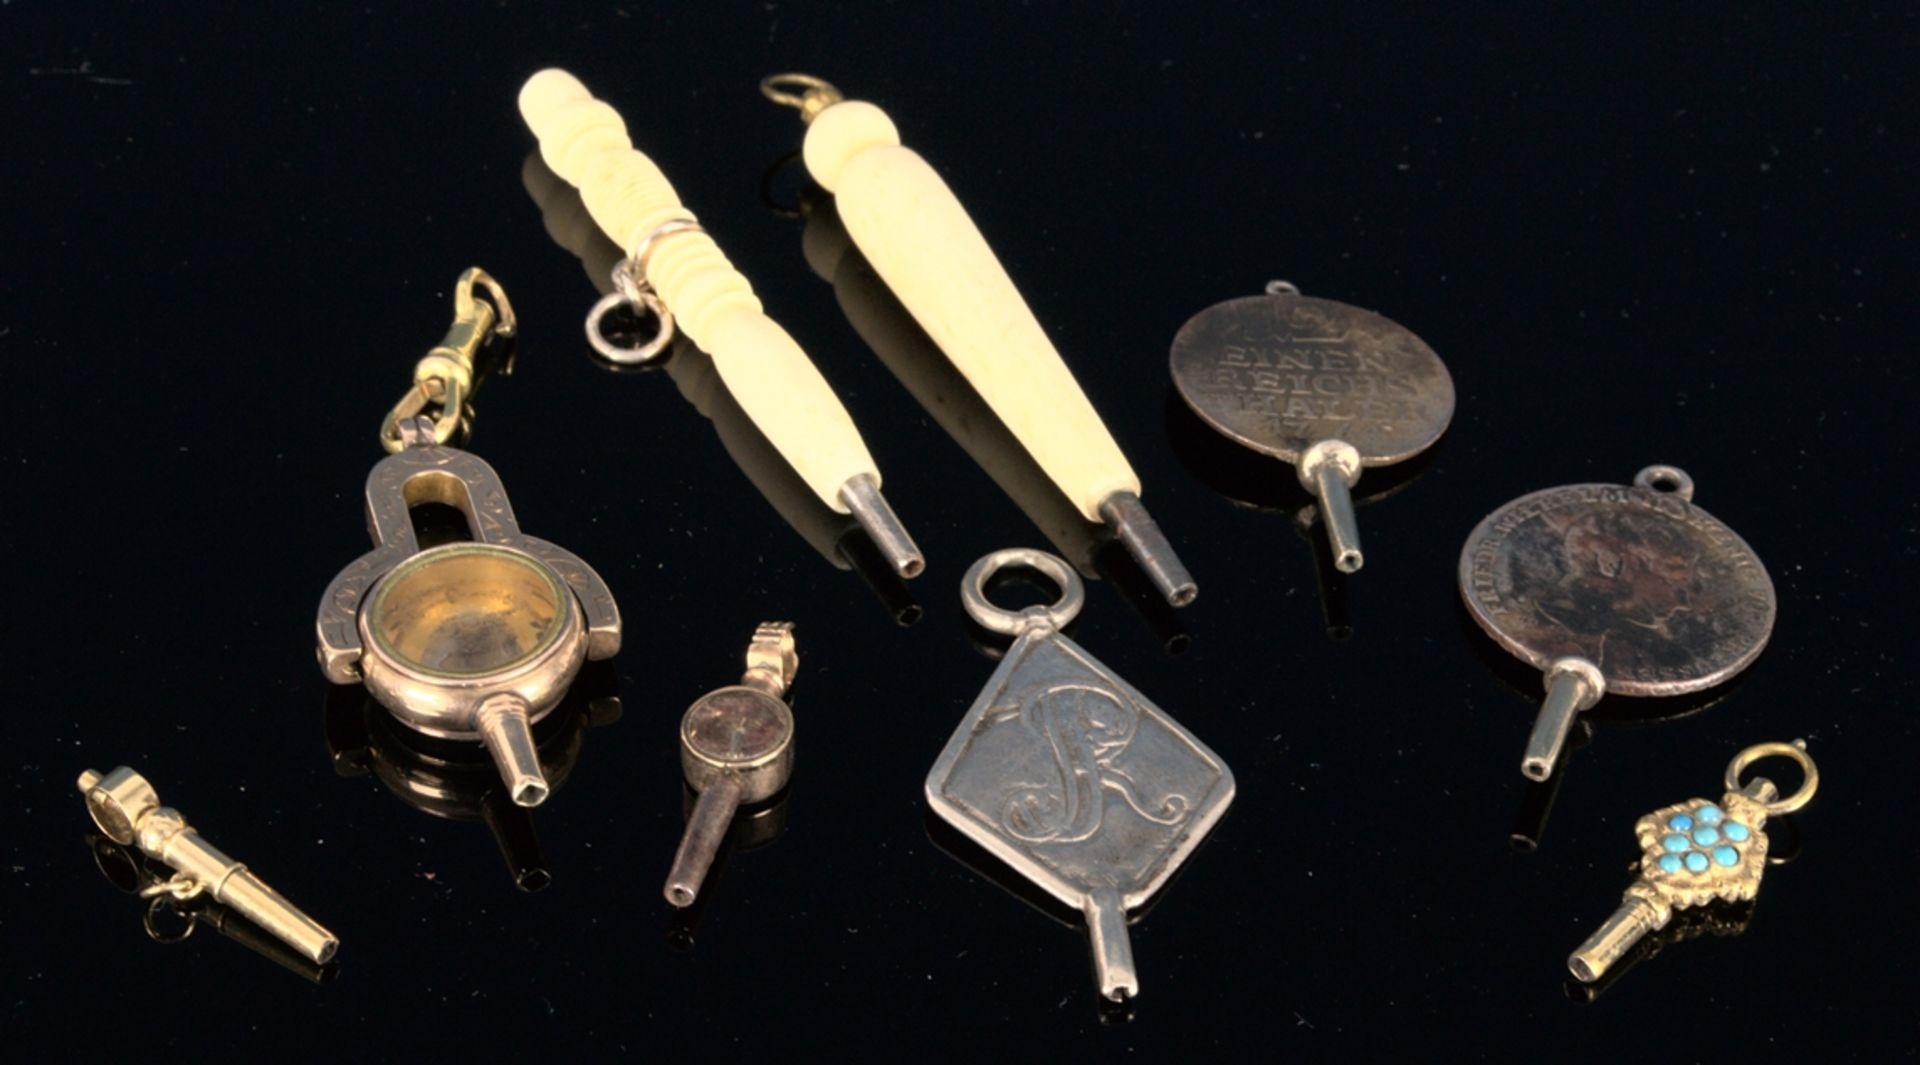 9teilige Sammlung versch. Taschenuhrenschlüssel, überwiegend 19. Jhd. Versch. Alter, Größen, - Bild 2 aus 18